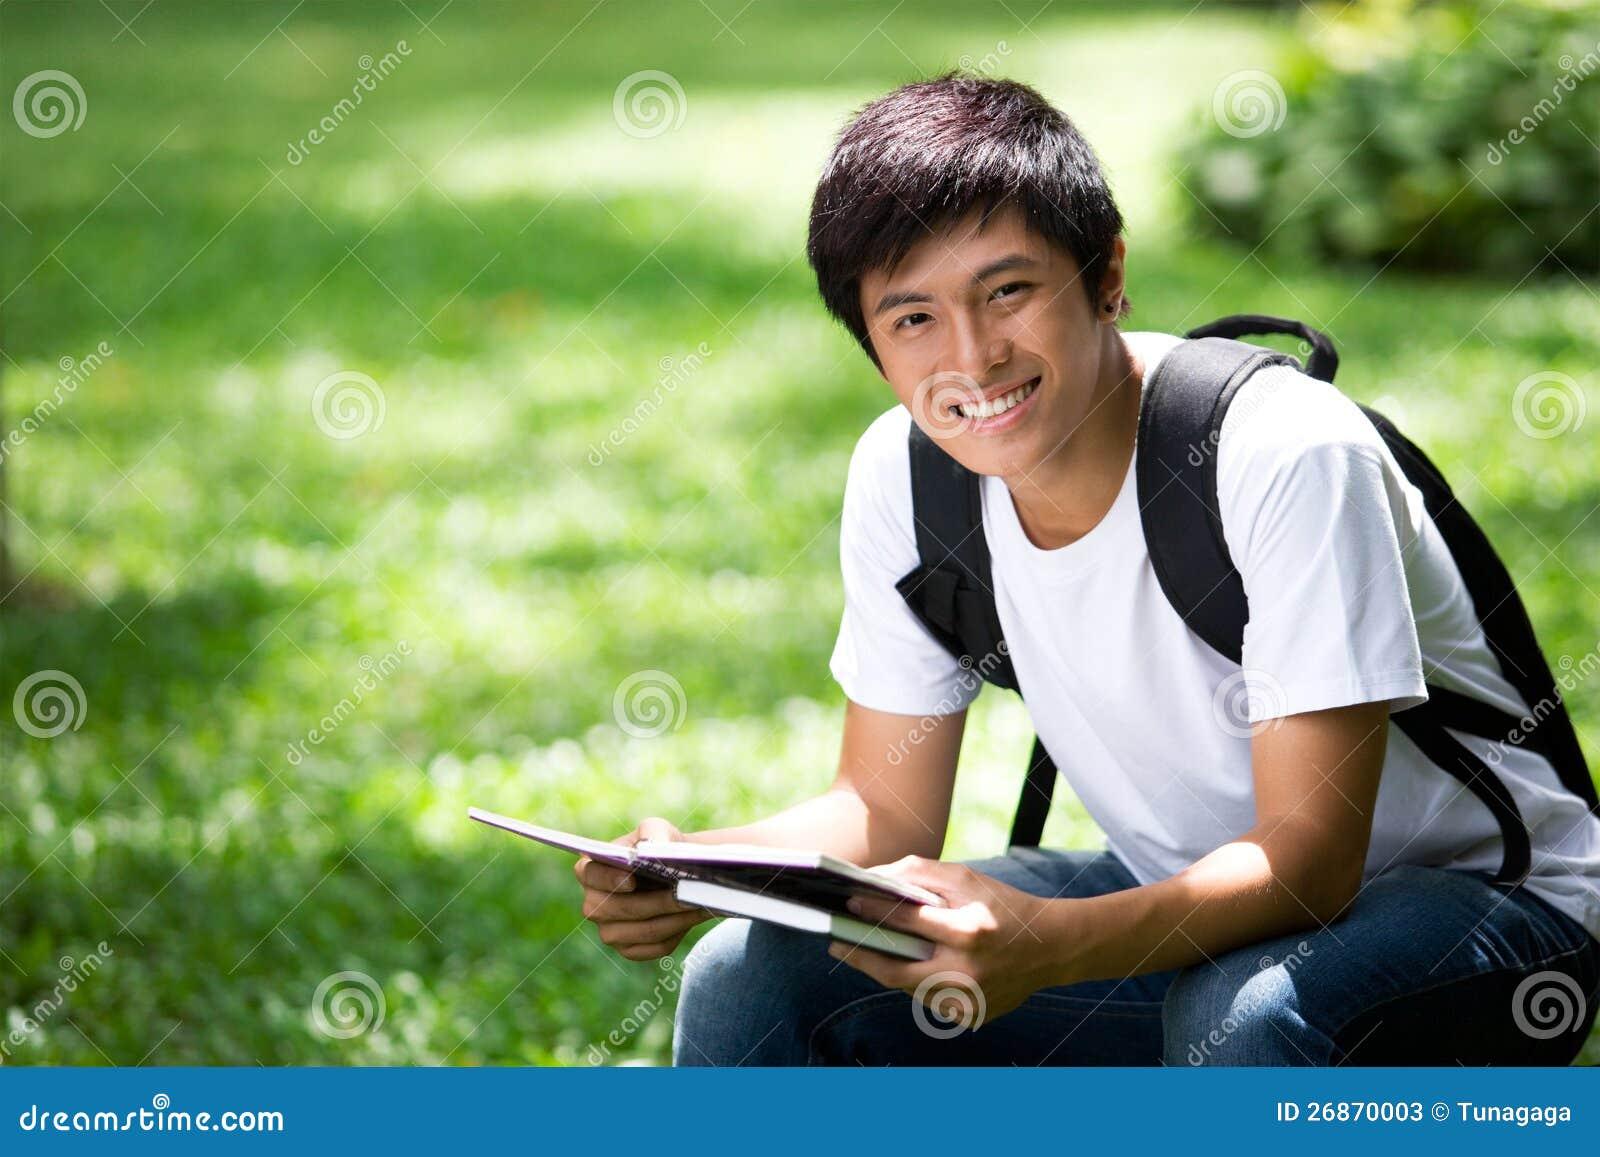 Młody przystojny Azjatycki uczeń z laptopem